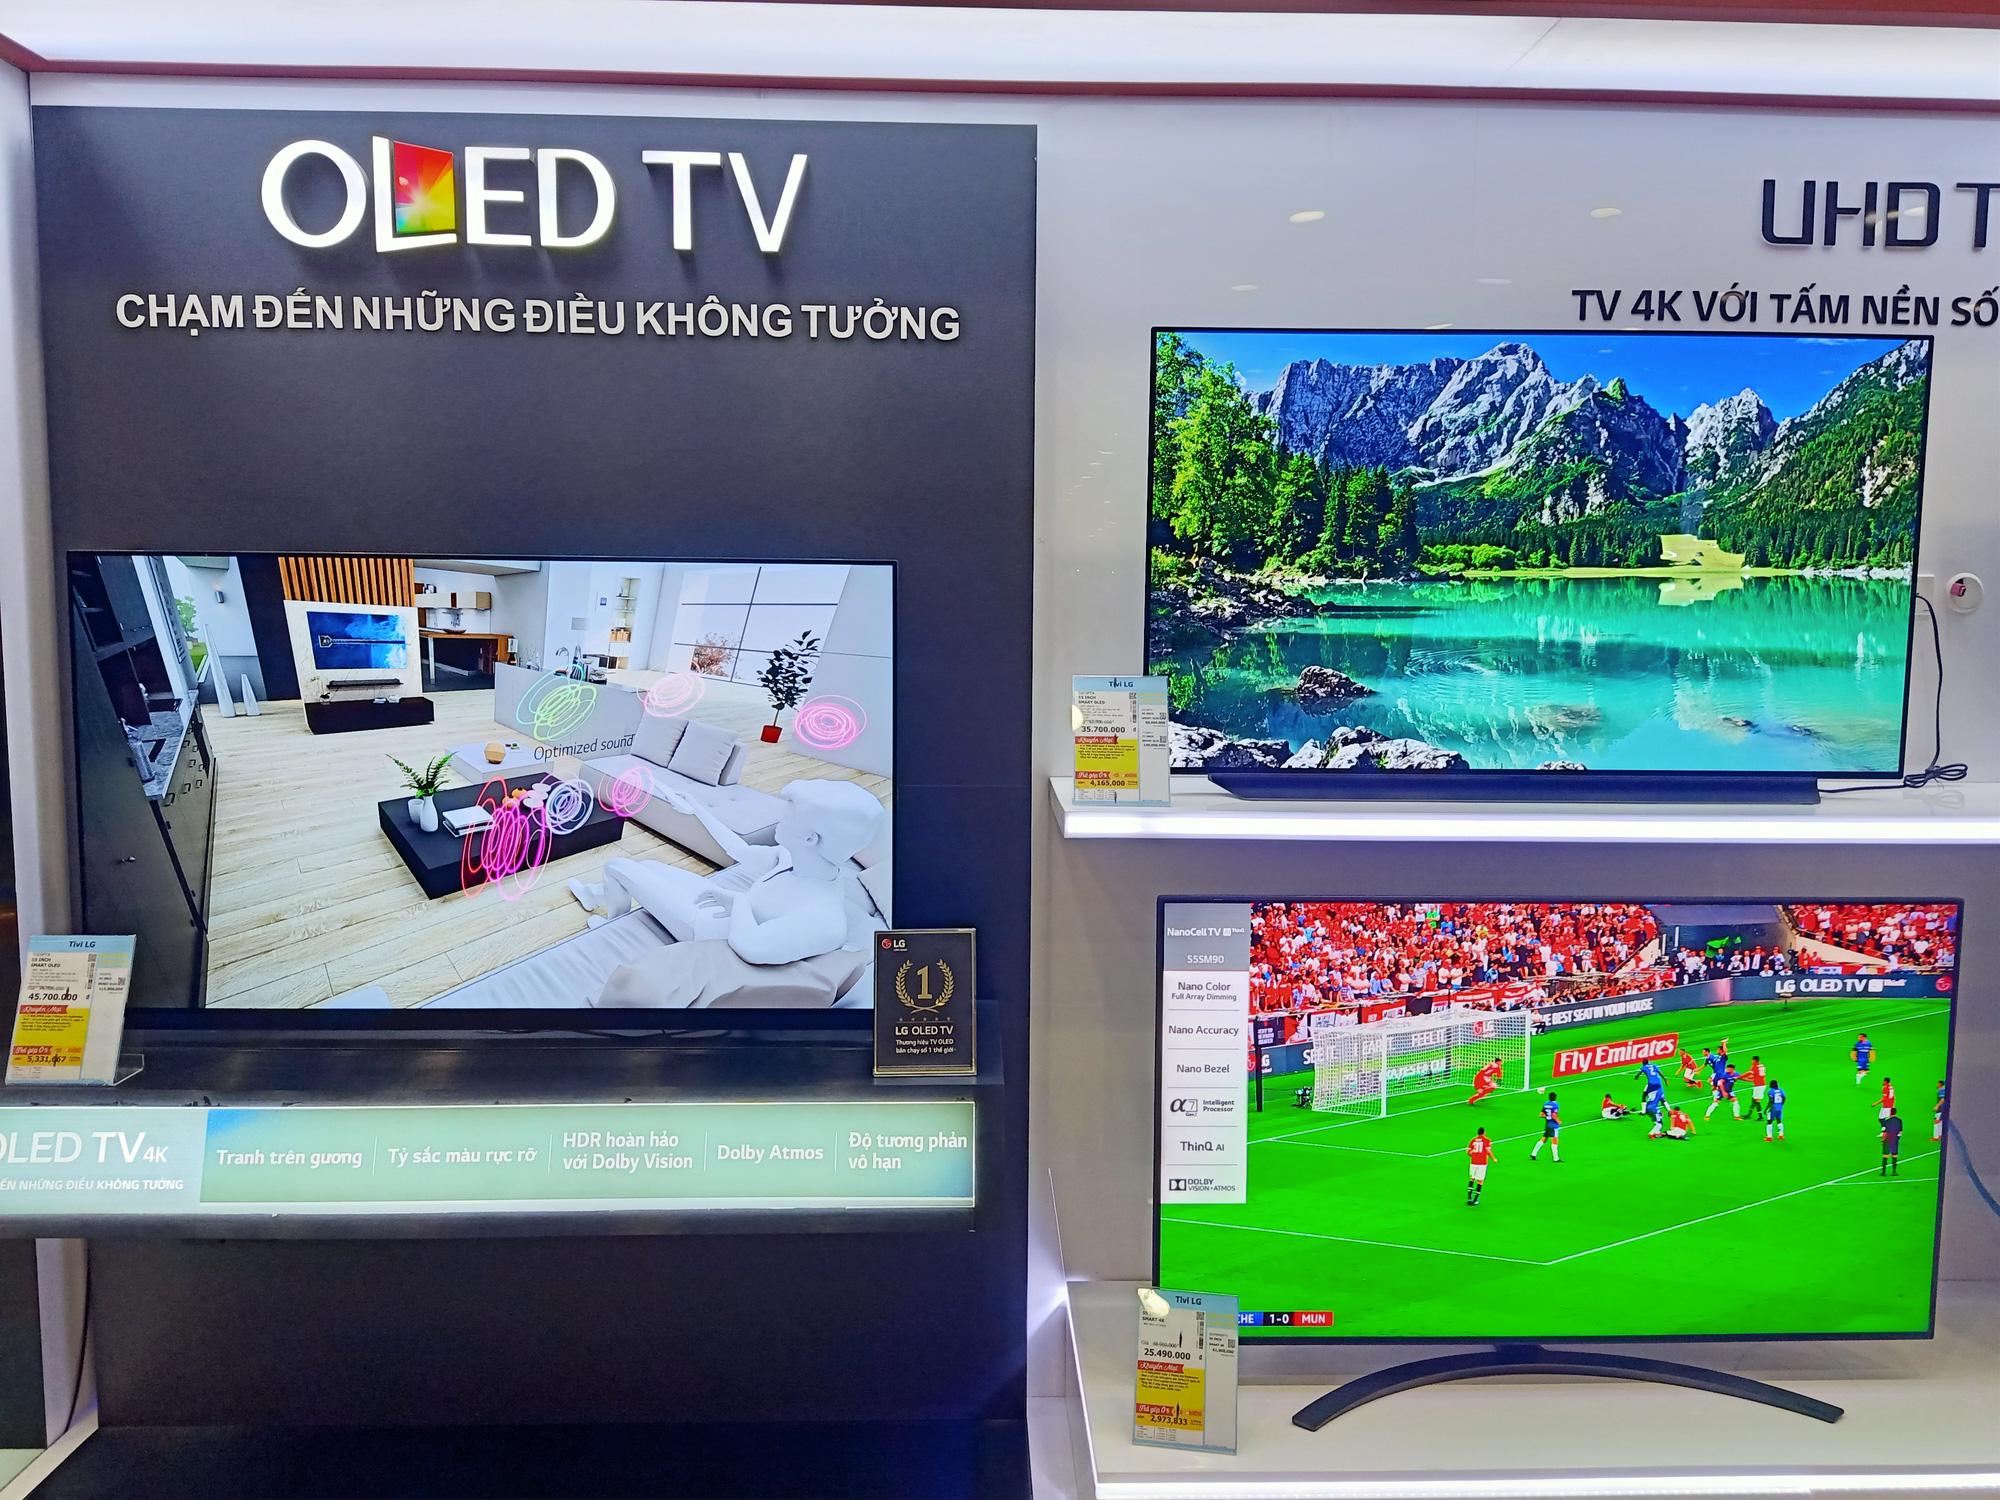 Tivi giảm giá tuần này: Nhiều sản phẩm giúp tận hưởng các trận cầu đã hơn - Ảnh 5.